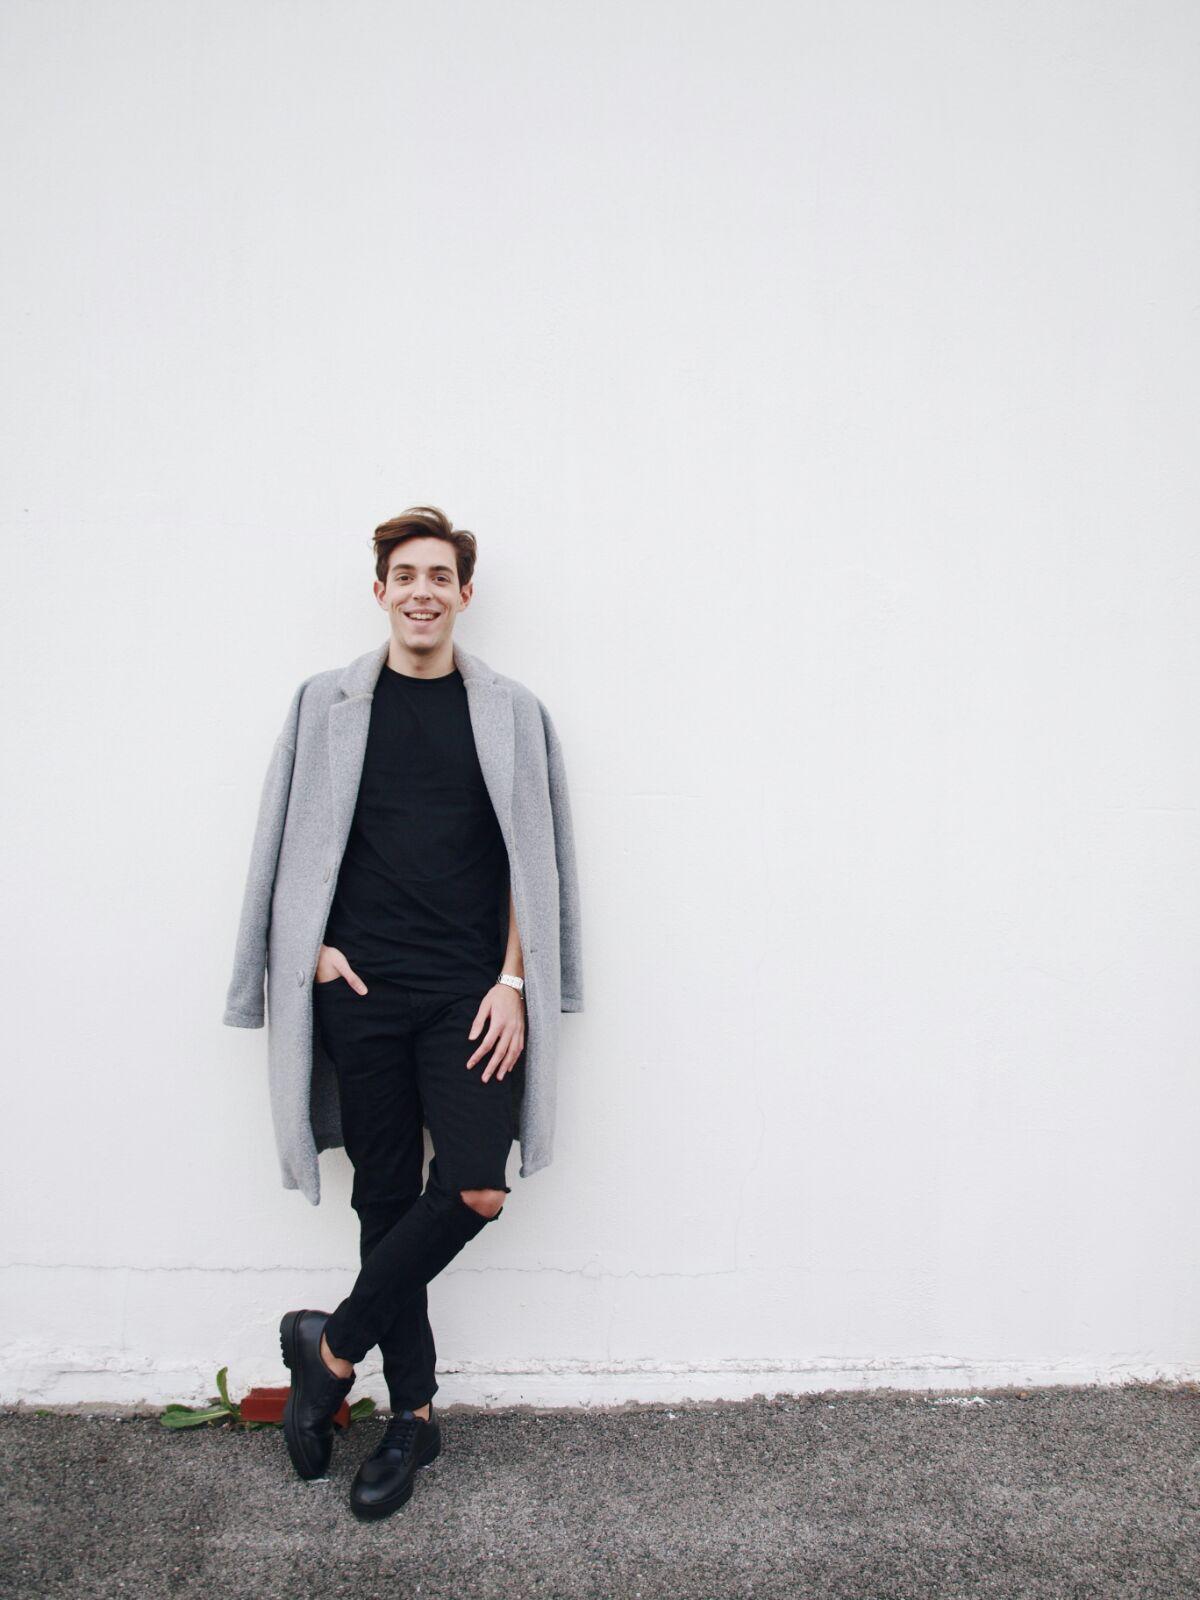 zara-coat-man-fashion-mode-homme-oversize-blog-blogger-shoes-militar-vscocam-instagram-emeric-jeans-destroy-primark